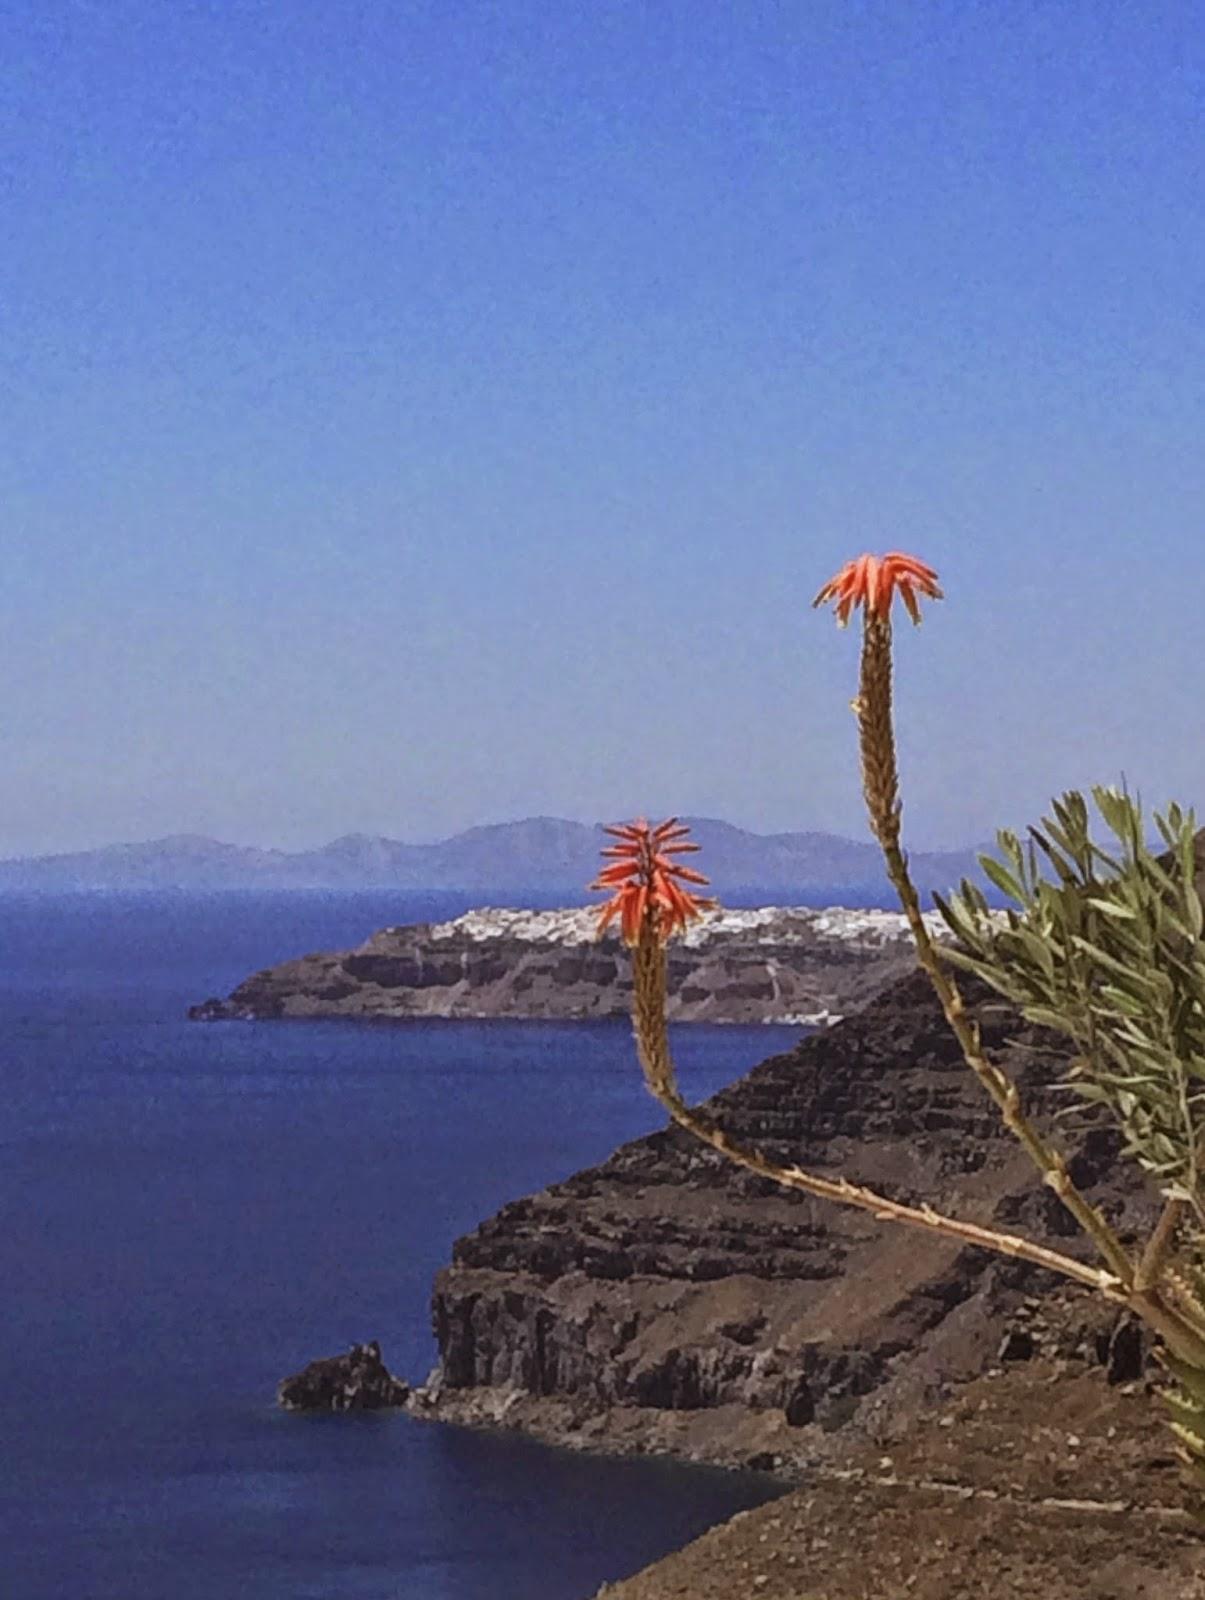 wikitravel.org/en/Santorini